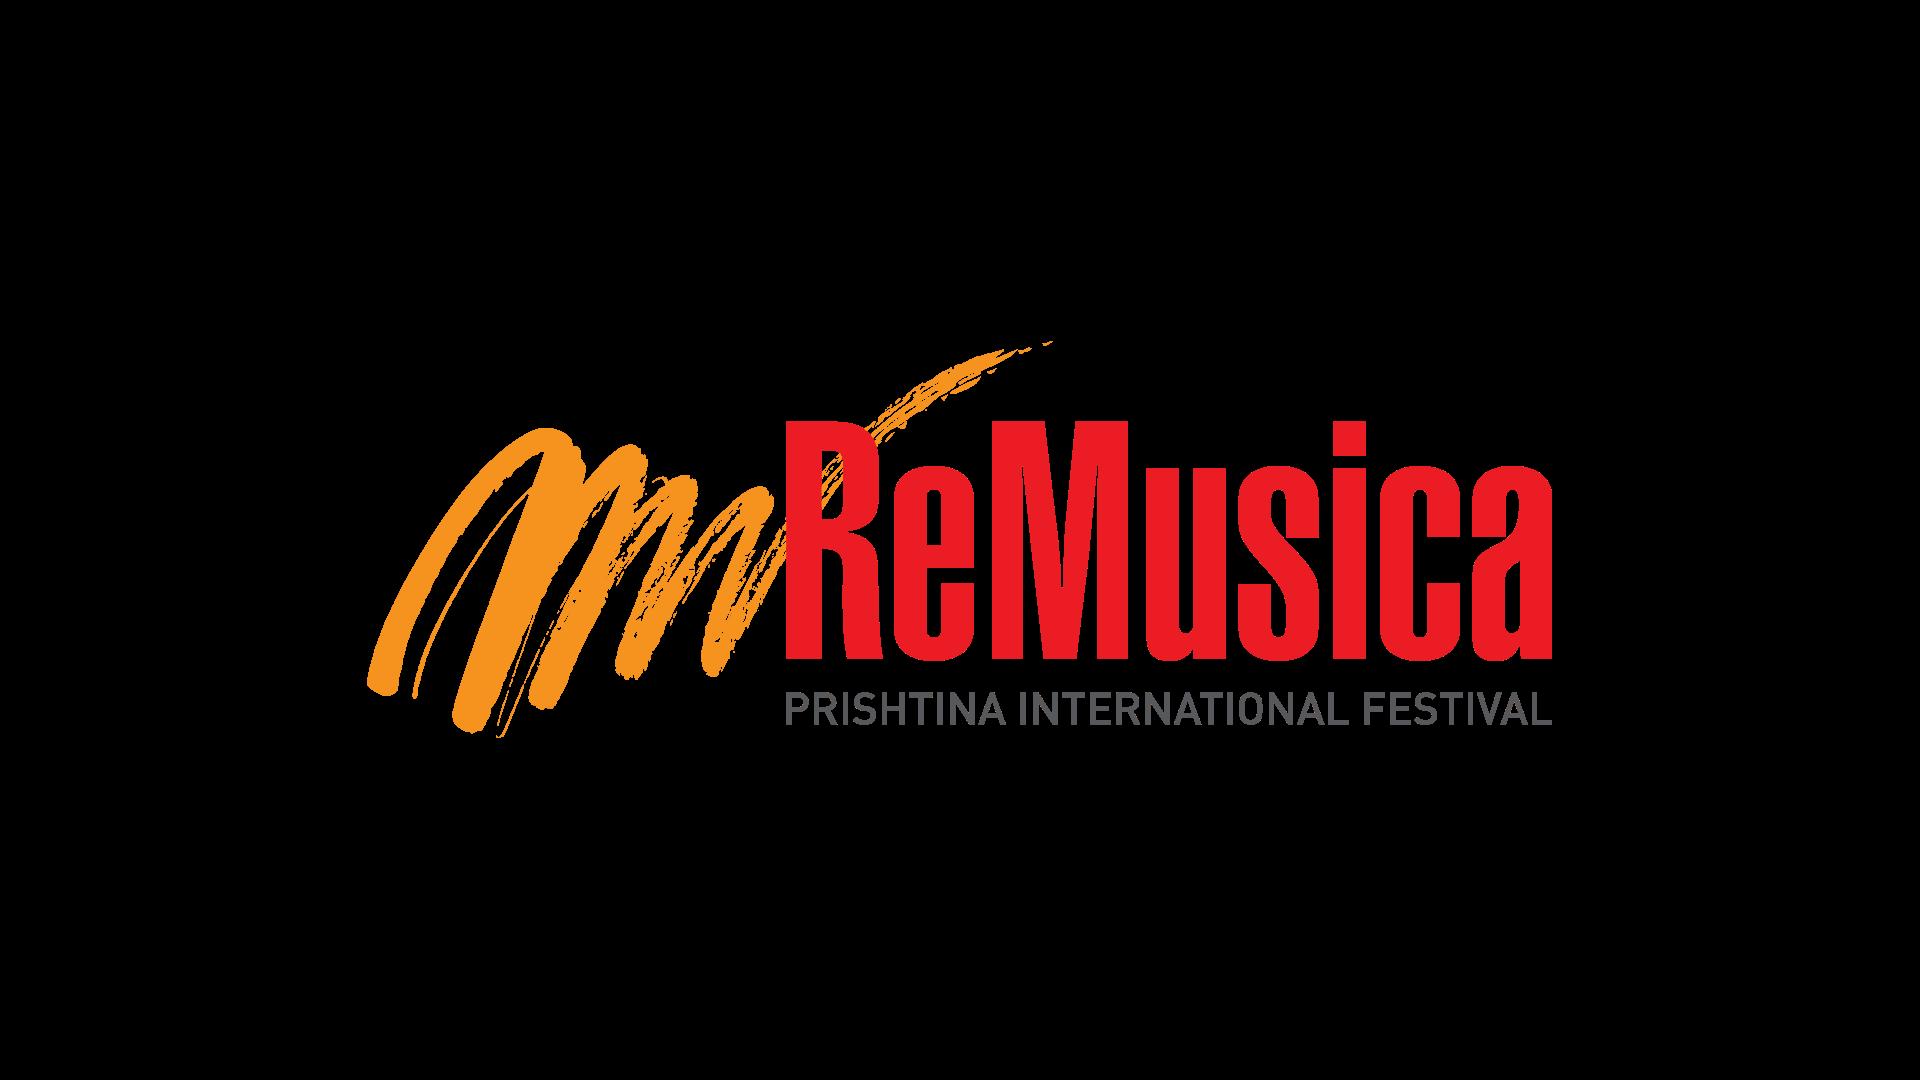 ReMusica - Festivali Ndërkombëtar i Prishtinës